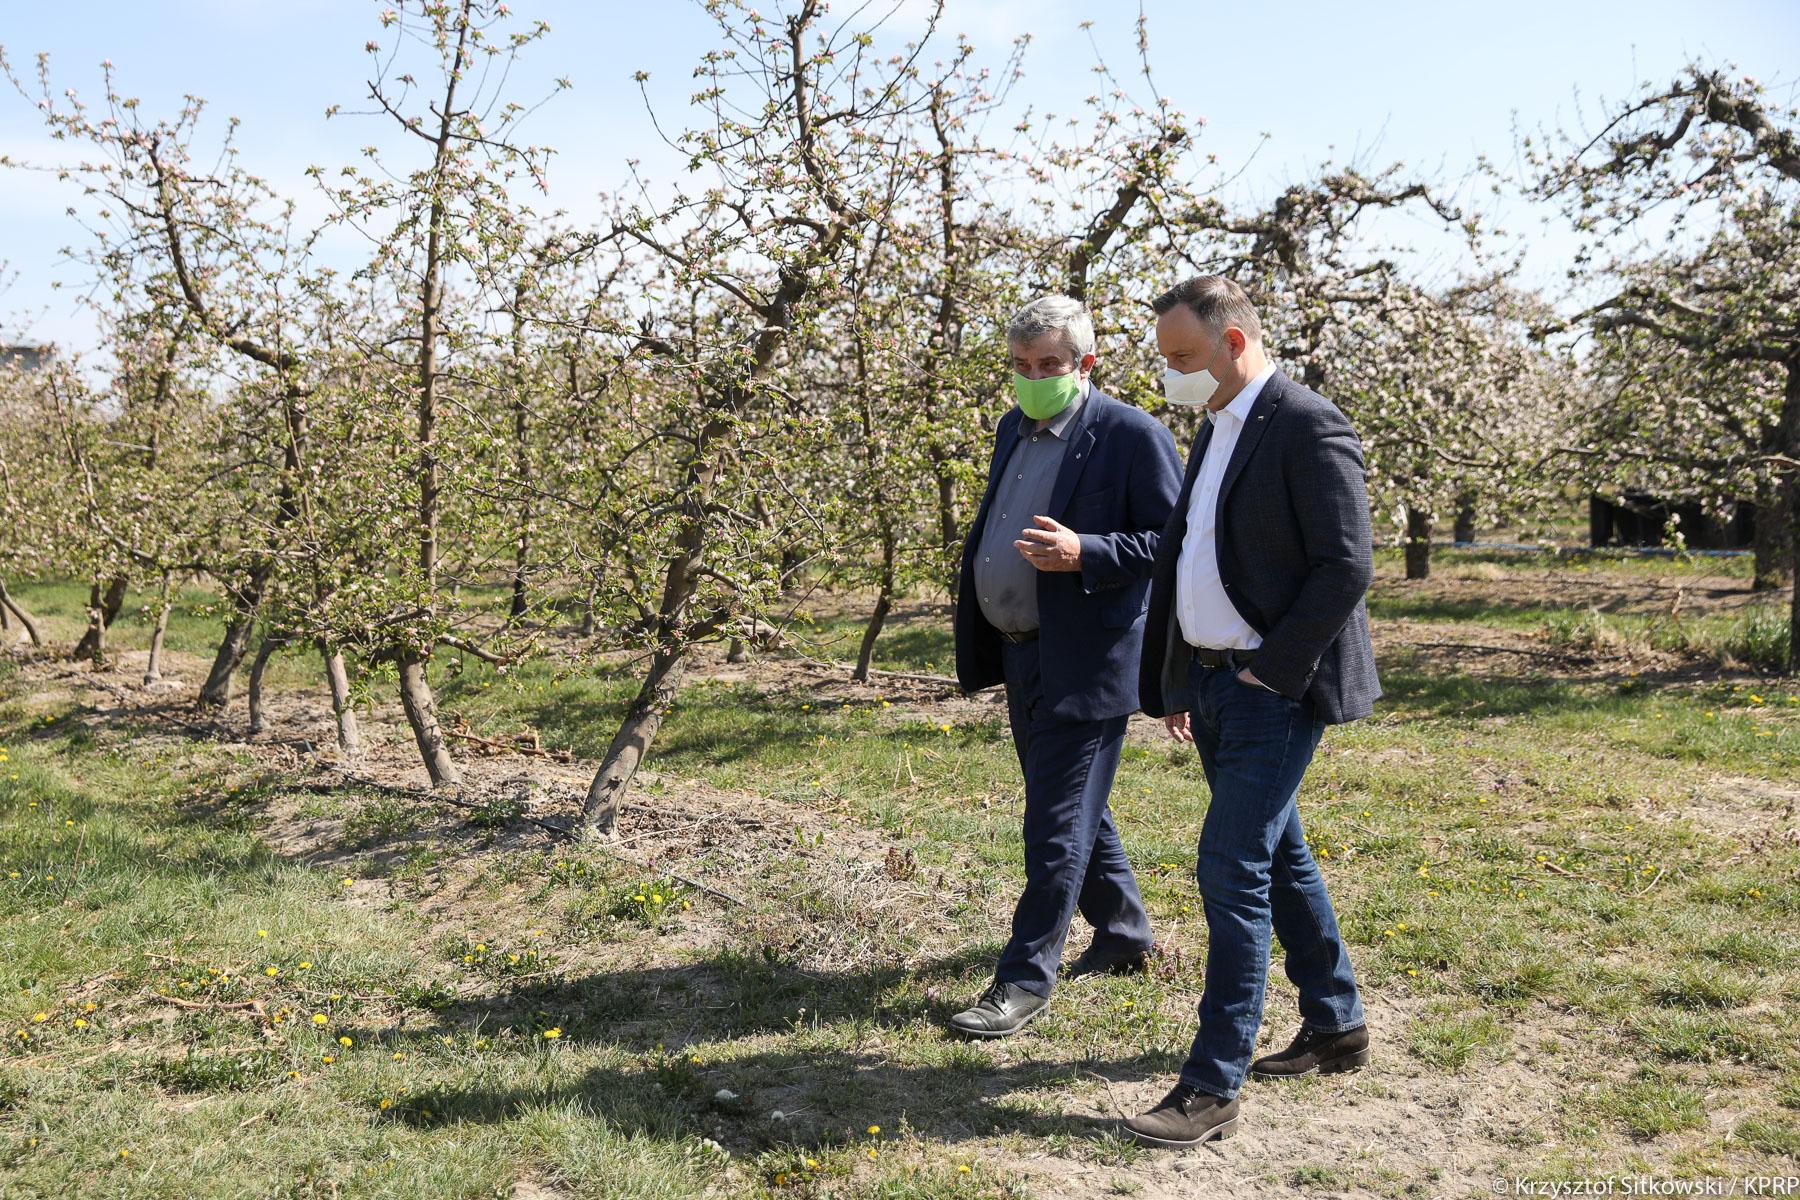 Prezydent A. Duda i min. J. K. Ardanowski w gospodarstwie sadowniczym Państwa Jakubczaków pod Grójcem